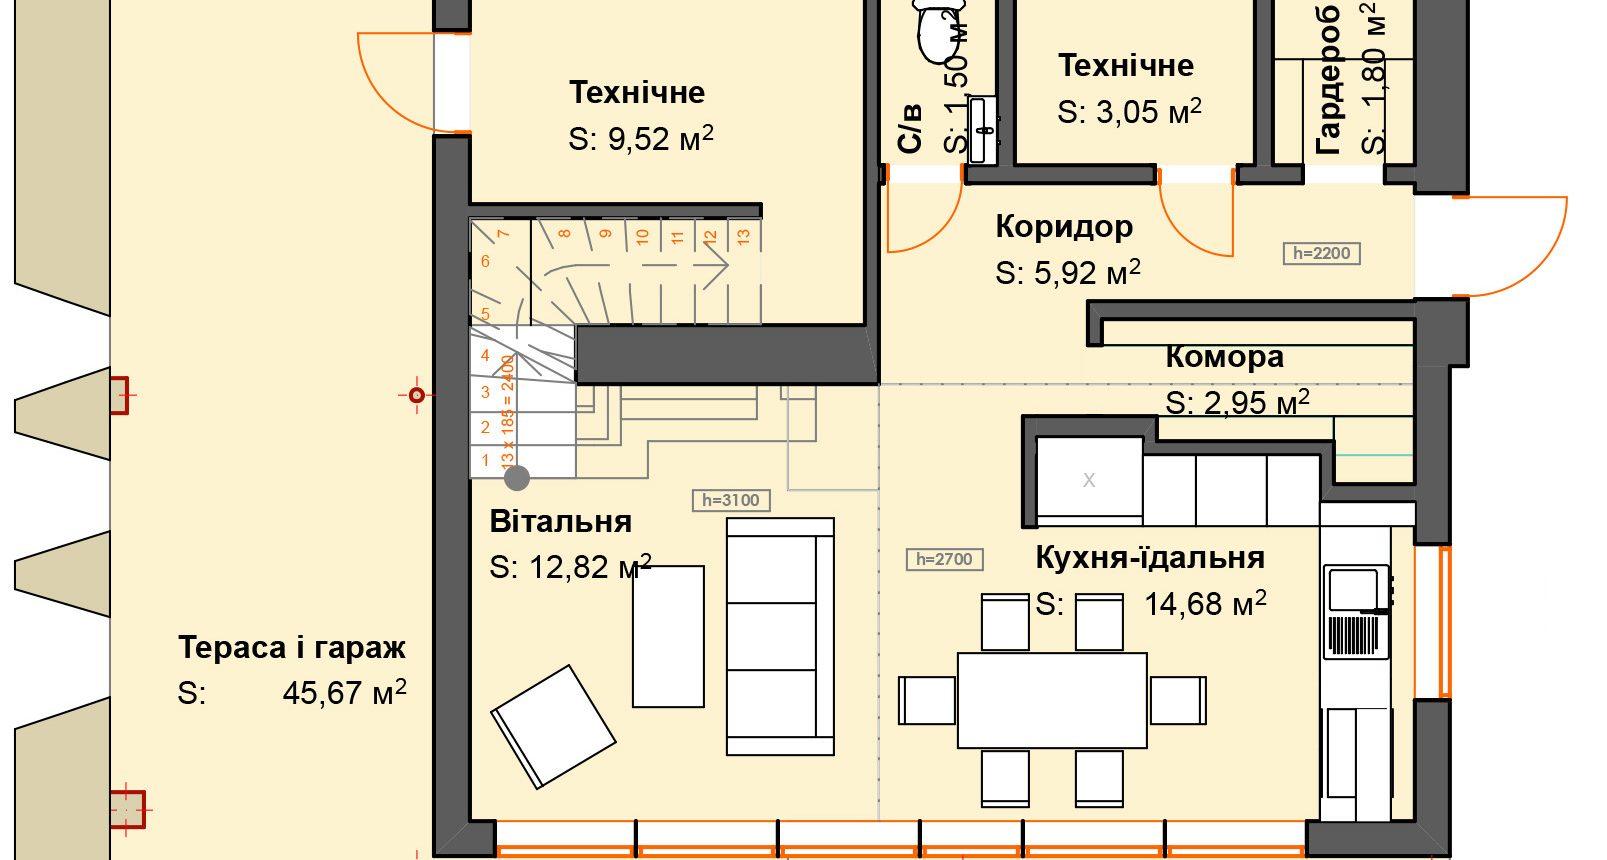 Typovy2 для генплану _ 1. 1-й этаж